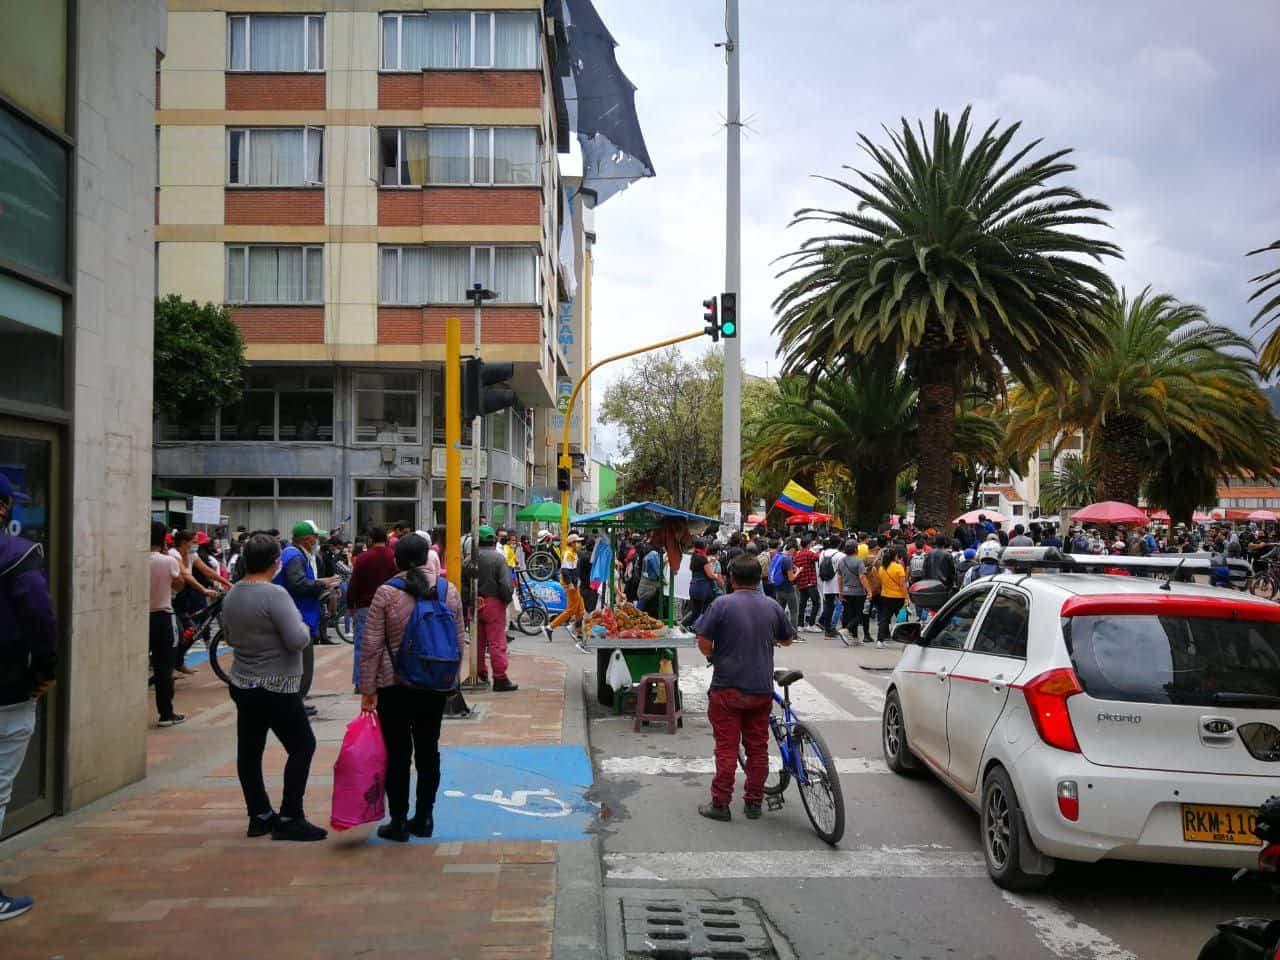 Aunque hasta el momento no se han registrado hechos violentos, el bloqueo de vías si está causando problemas en diferentes sectores del departamento.